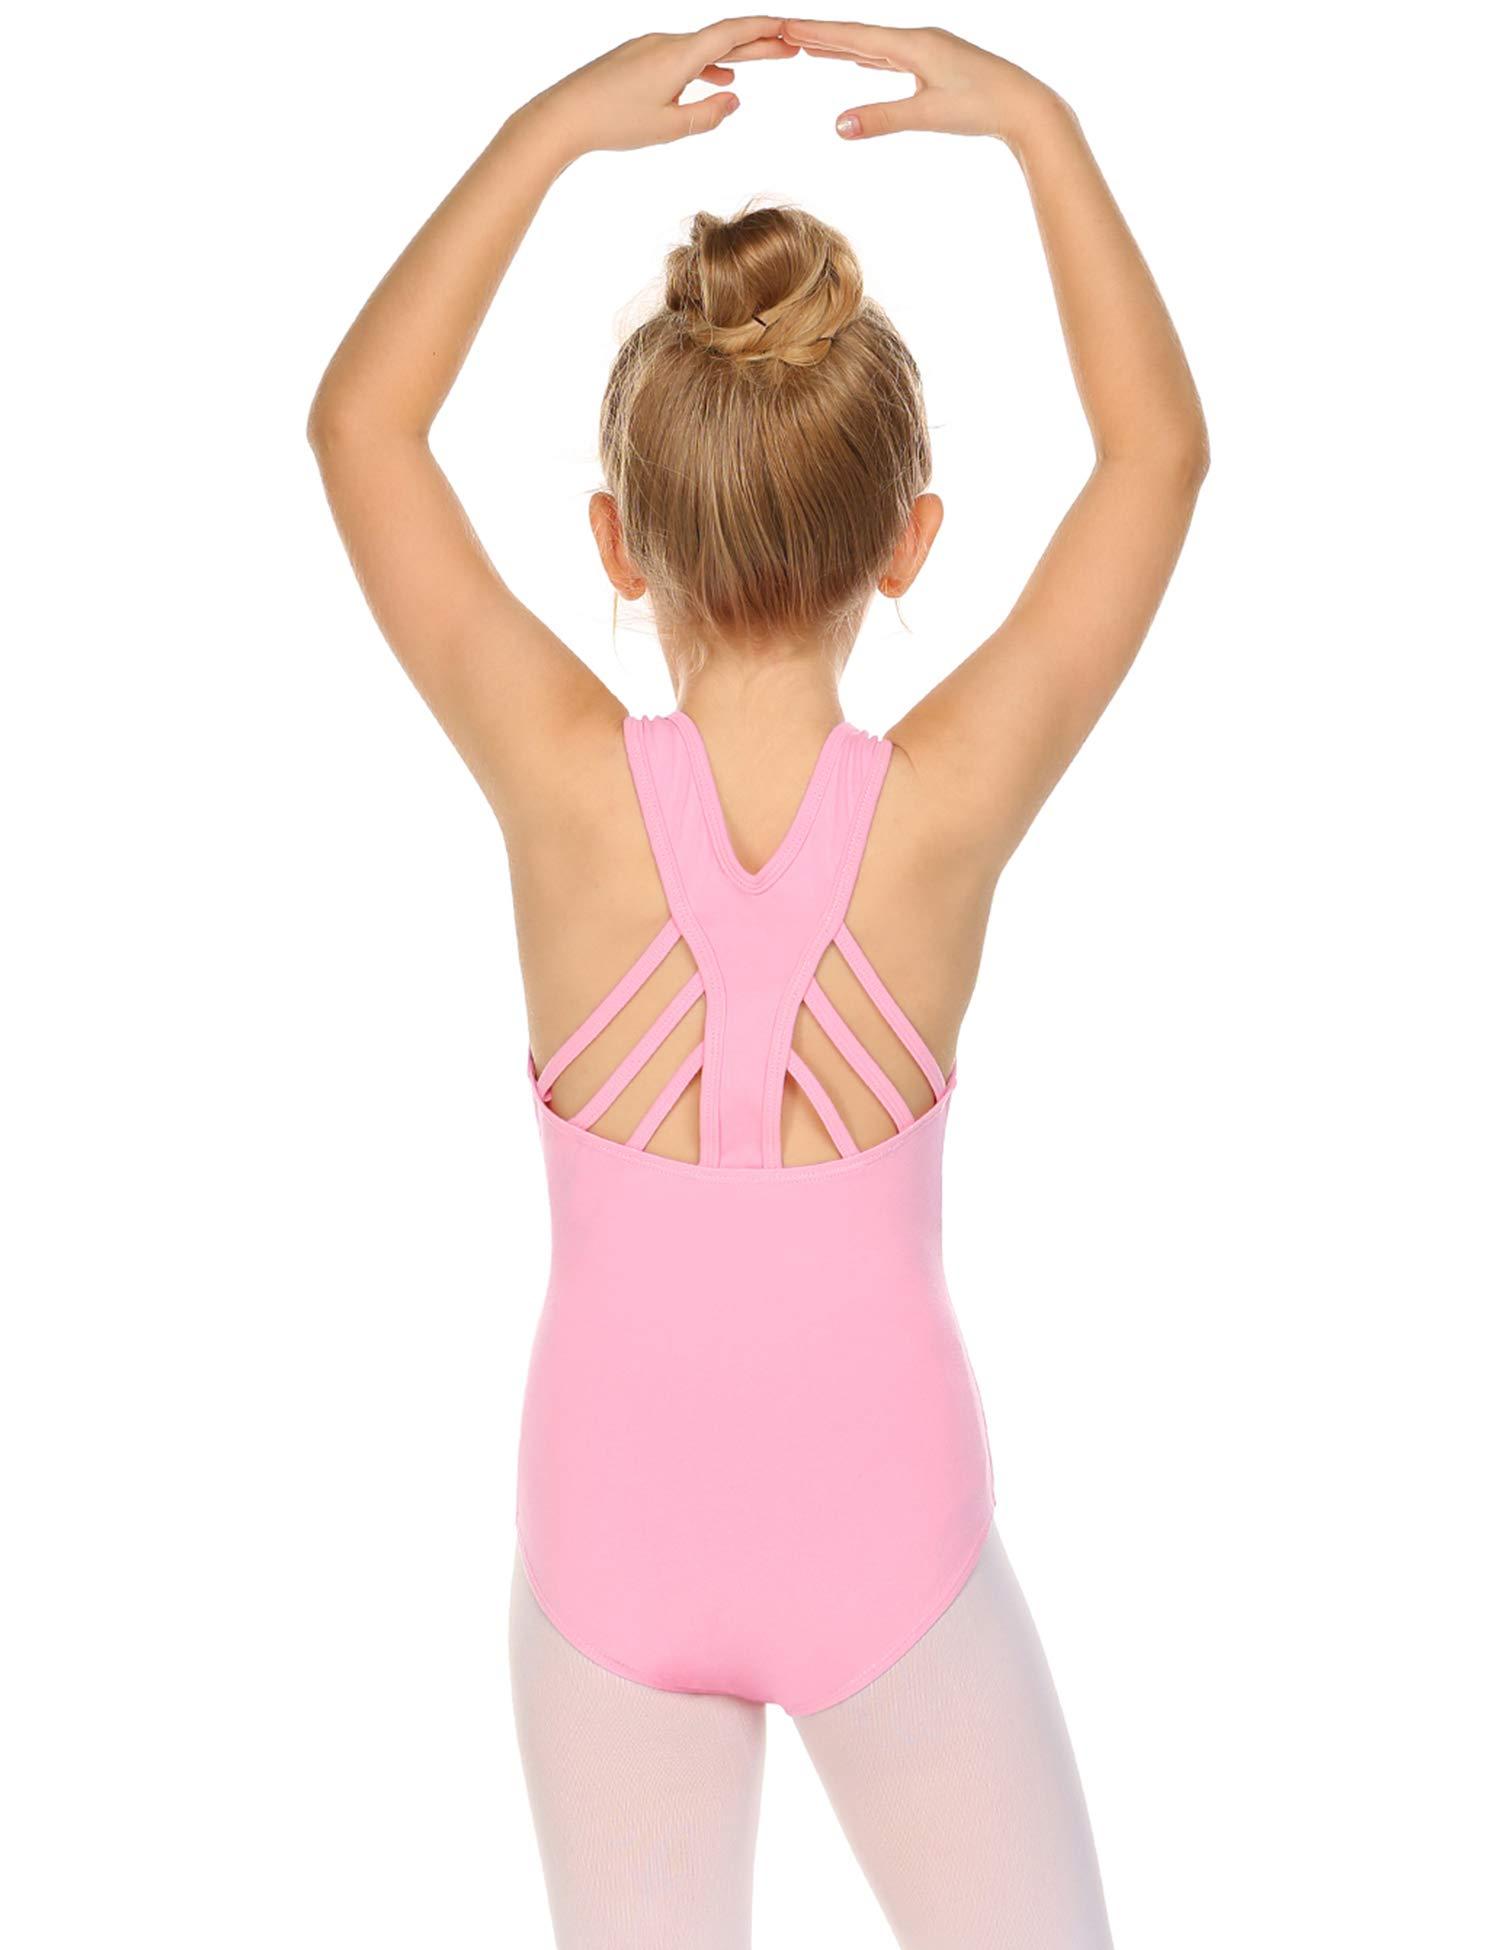 Arshiner Girls' Tank Leotard Gymnastics Ballet Dance